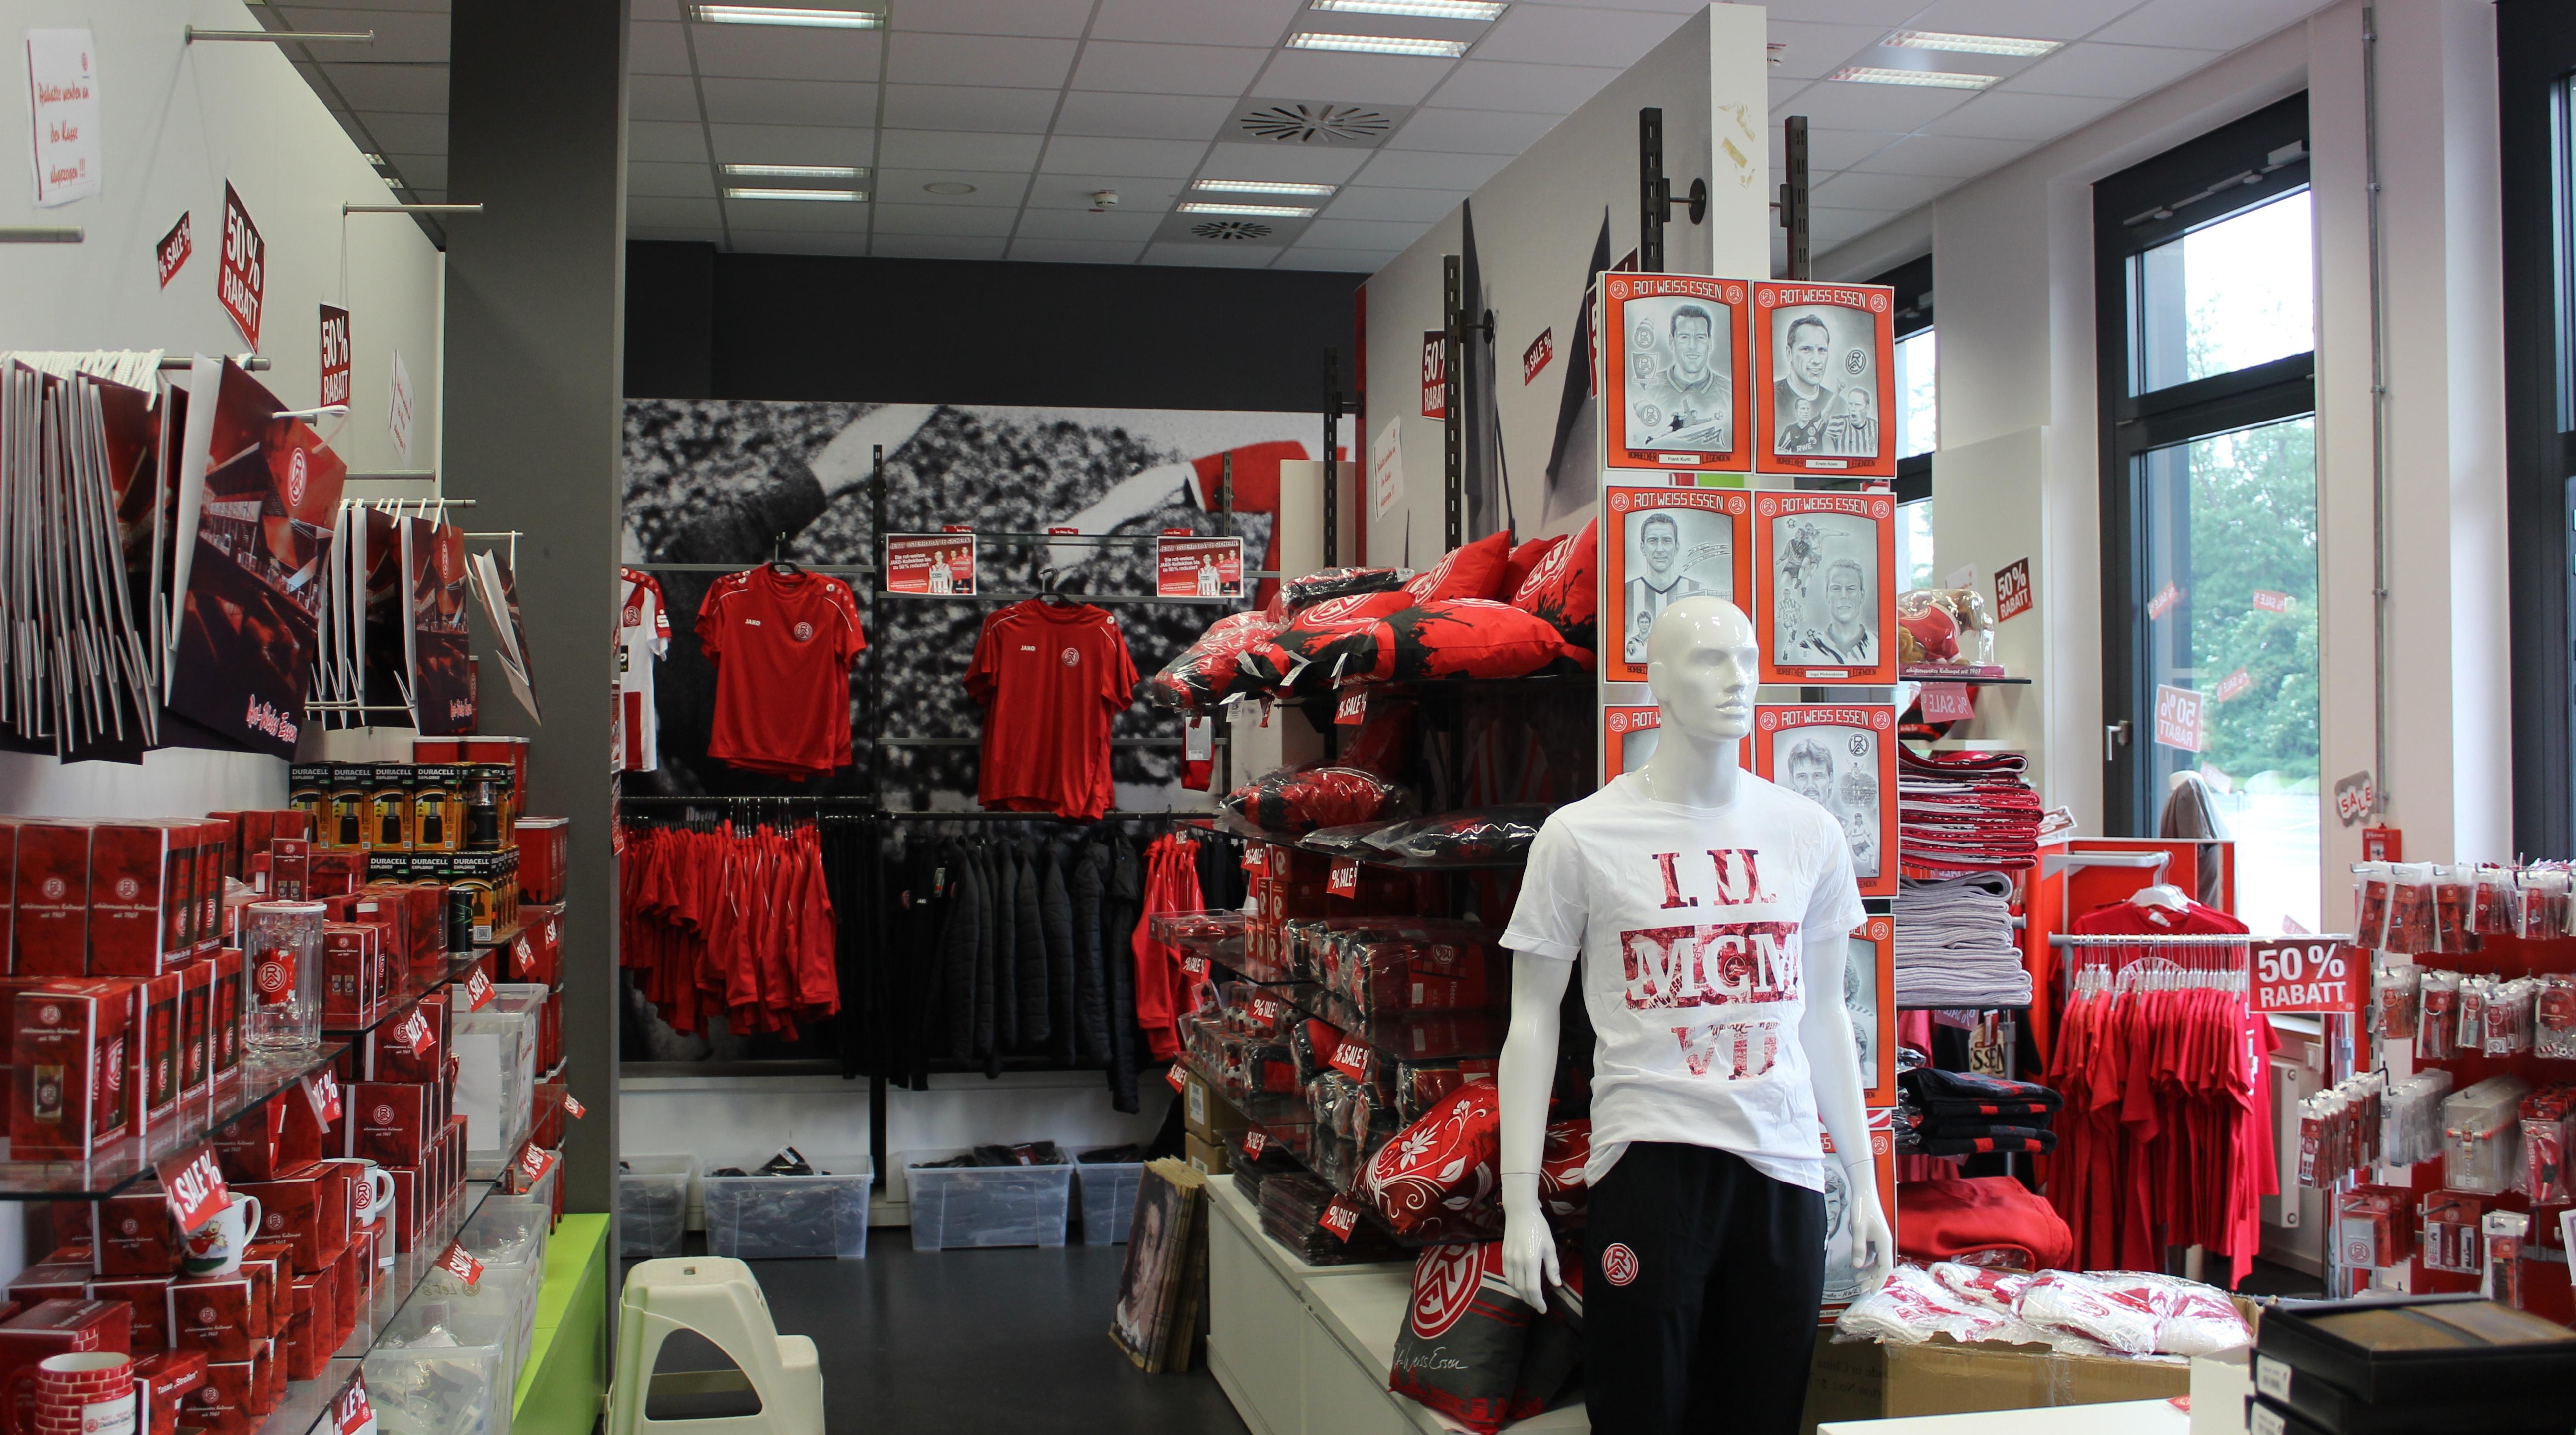 Am Mittwoch, den 27.06. öffnet der Fan-Shop am Stadion von 11.00 bis 15.00 Uhr.